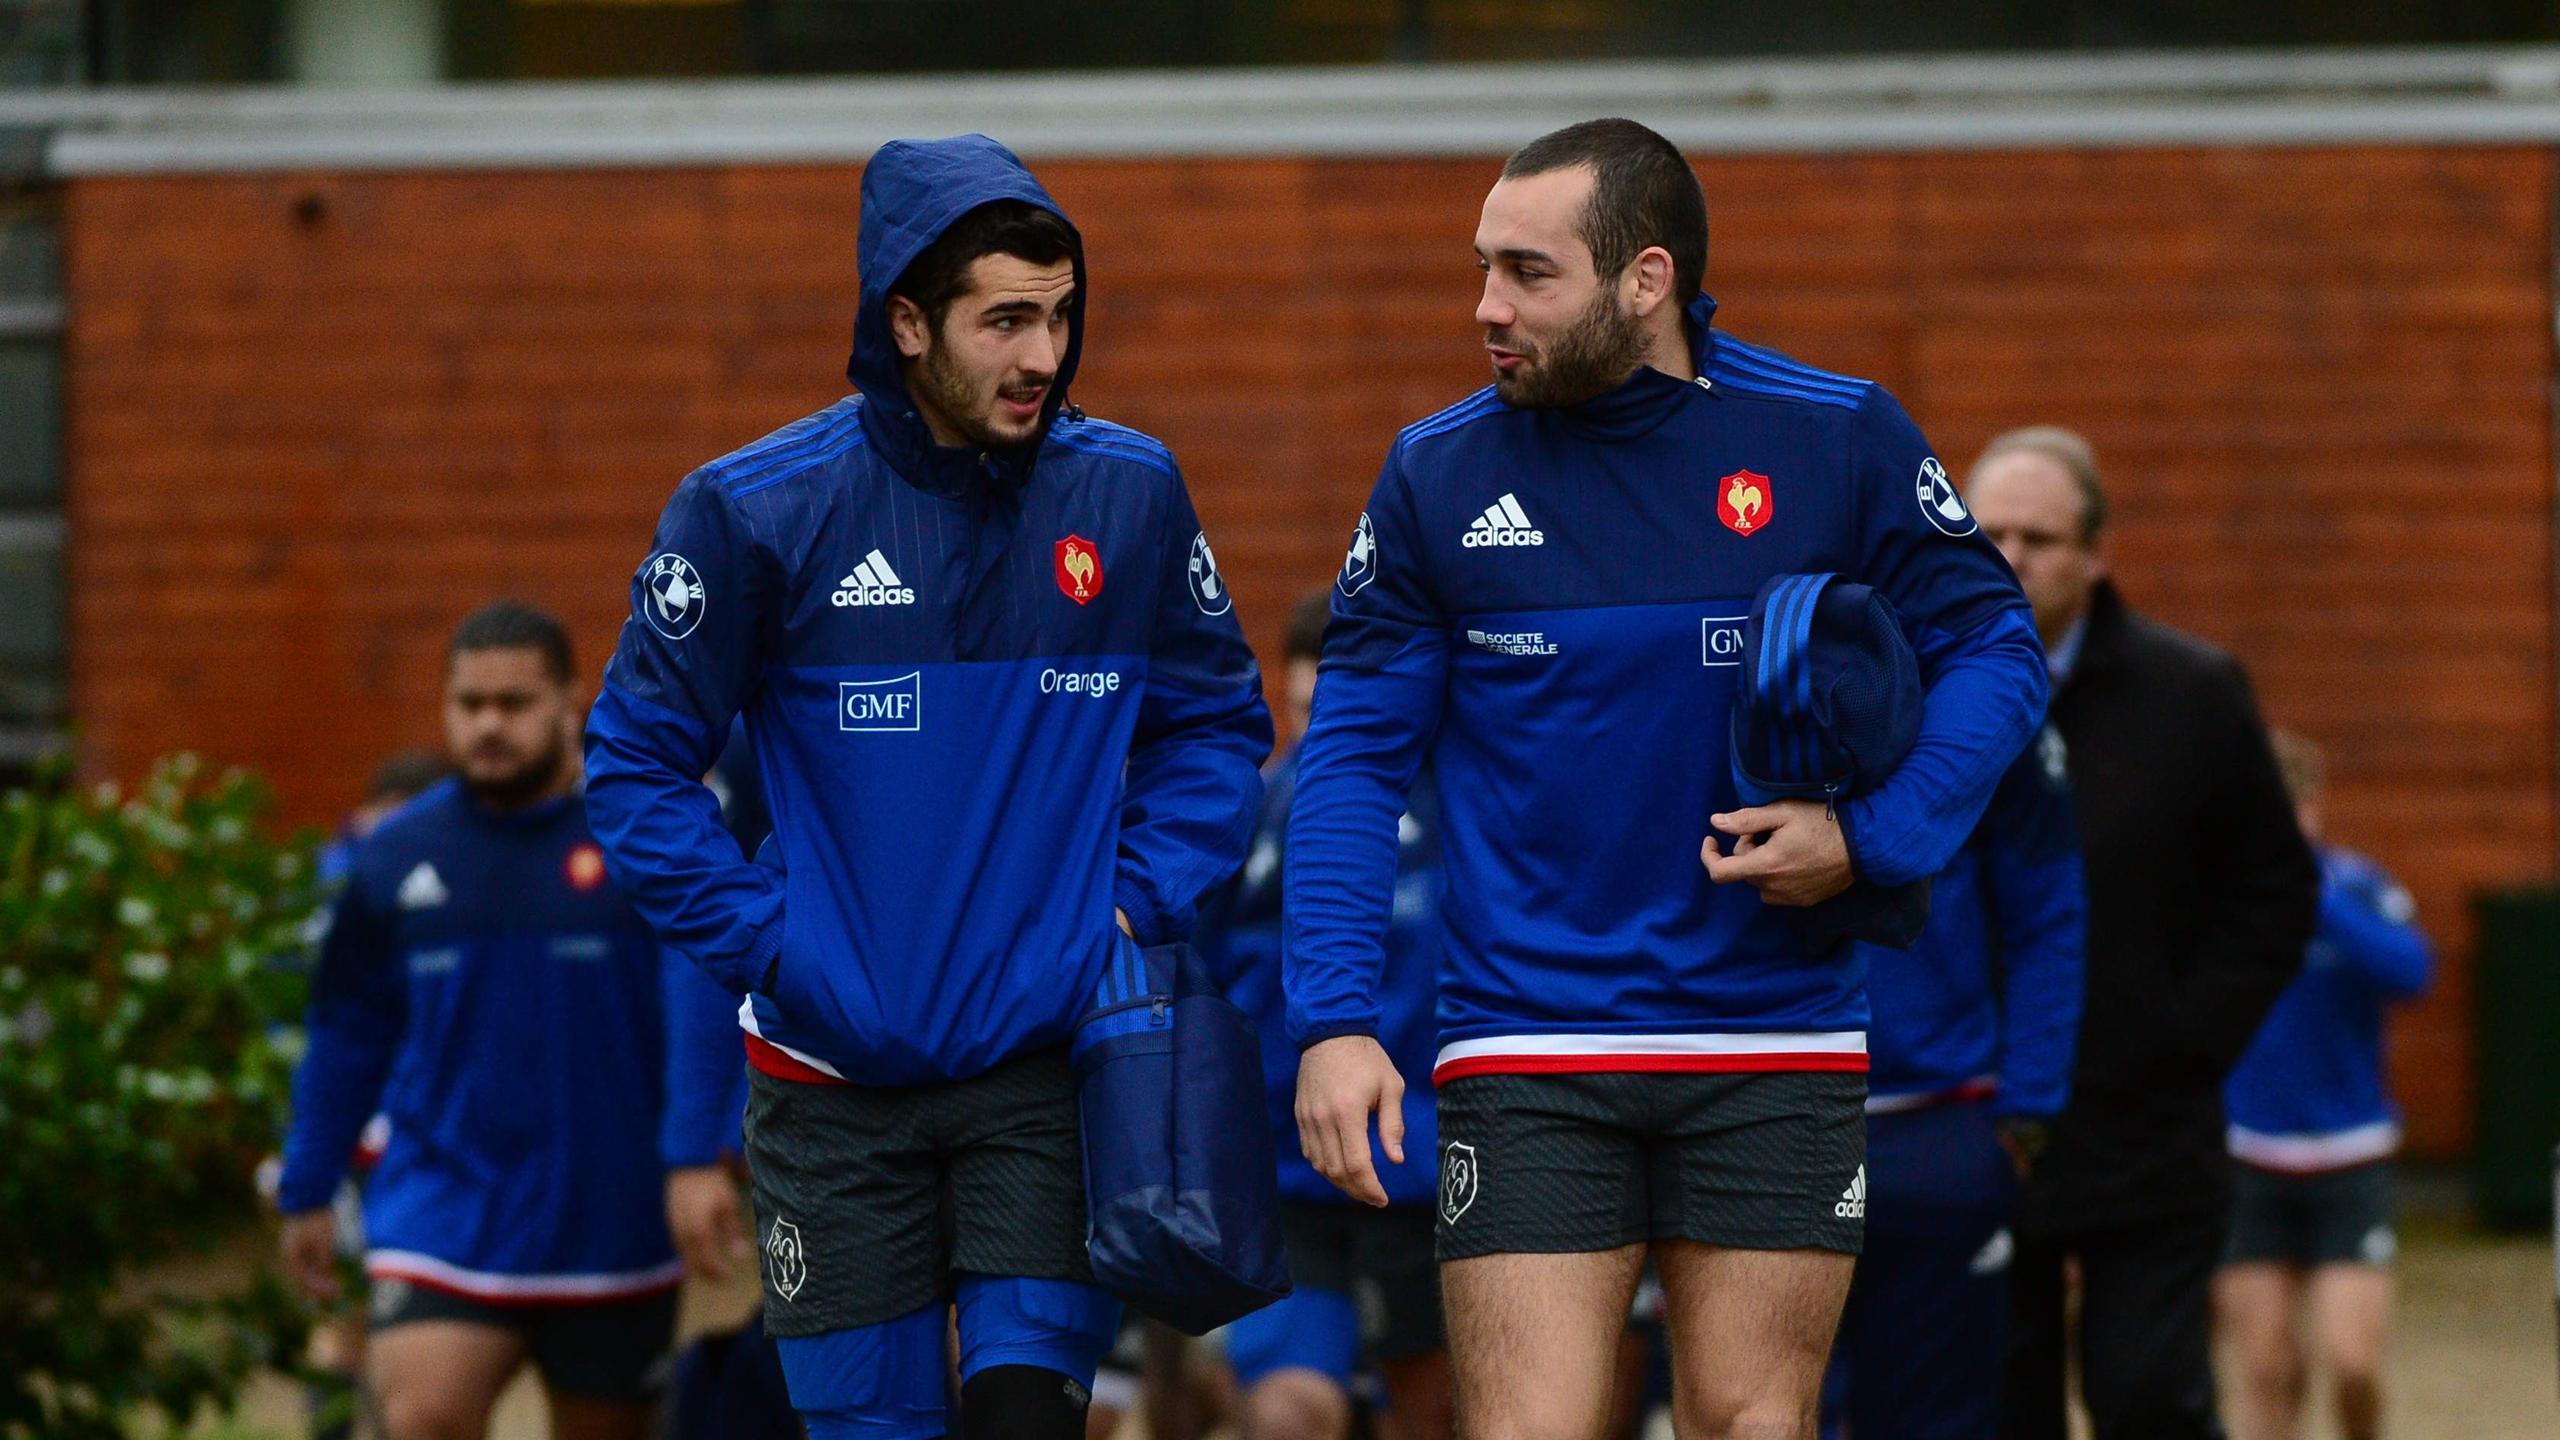 Jean-Marc Doussain et Sébastien Bézy (XV de France) - 9 février 2016